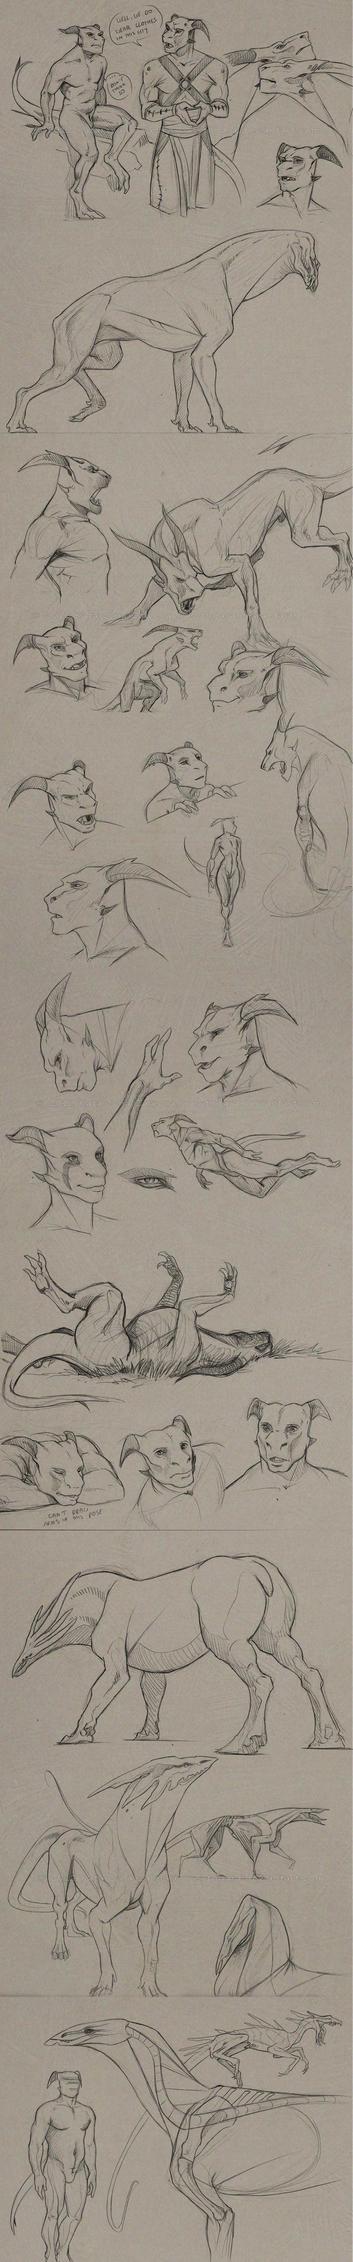 dec 2012 sketchdump part 2 by Sythgara